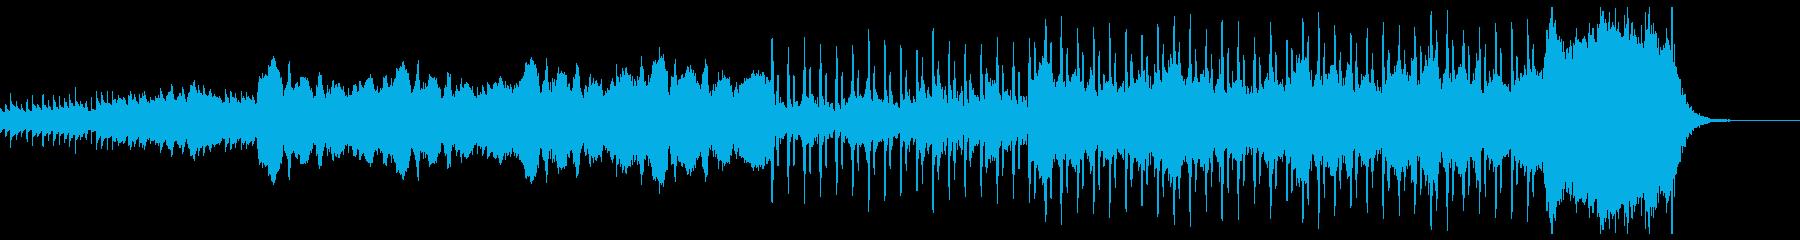 ハロウィン用BGM①怪しげなベルの再生済みの波形